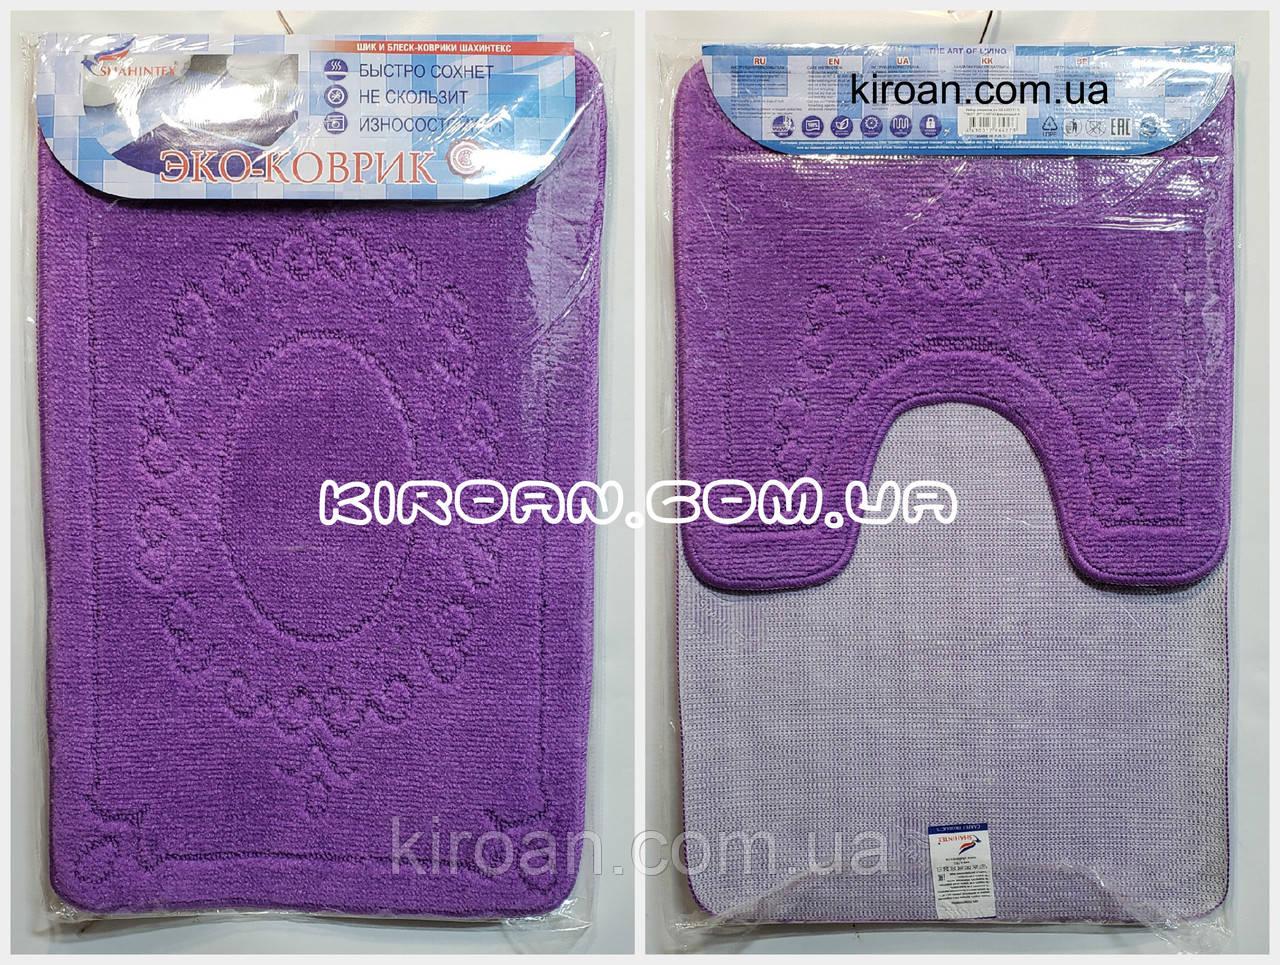 SHAHINTEX ЕКО Набір килимків для ванної 45*75 + 45*43 см (фіолетовий)